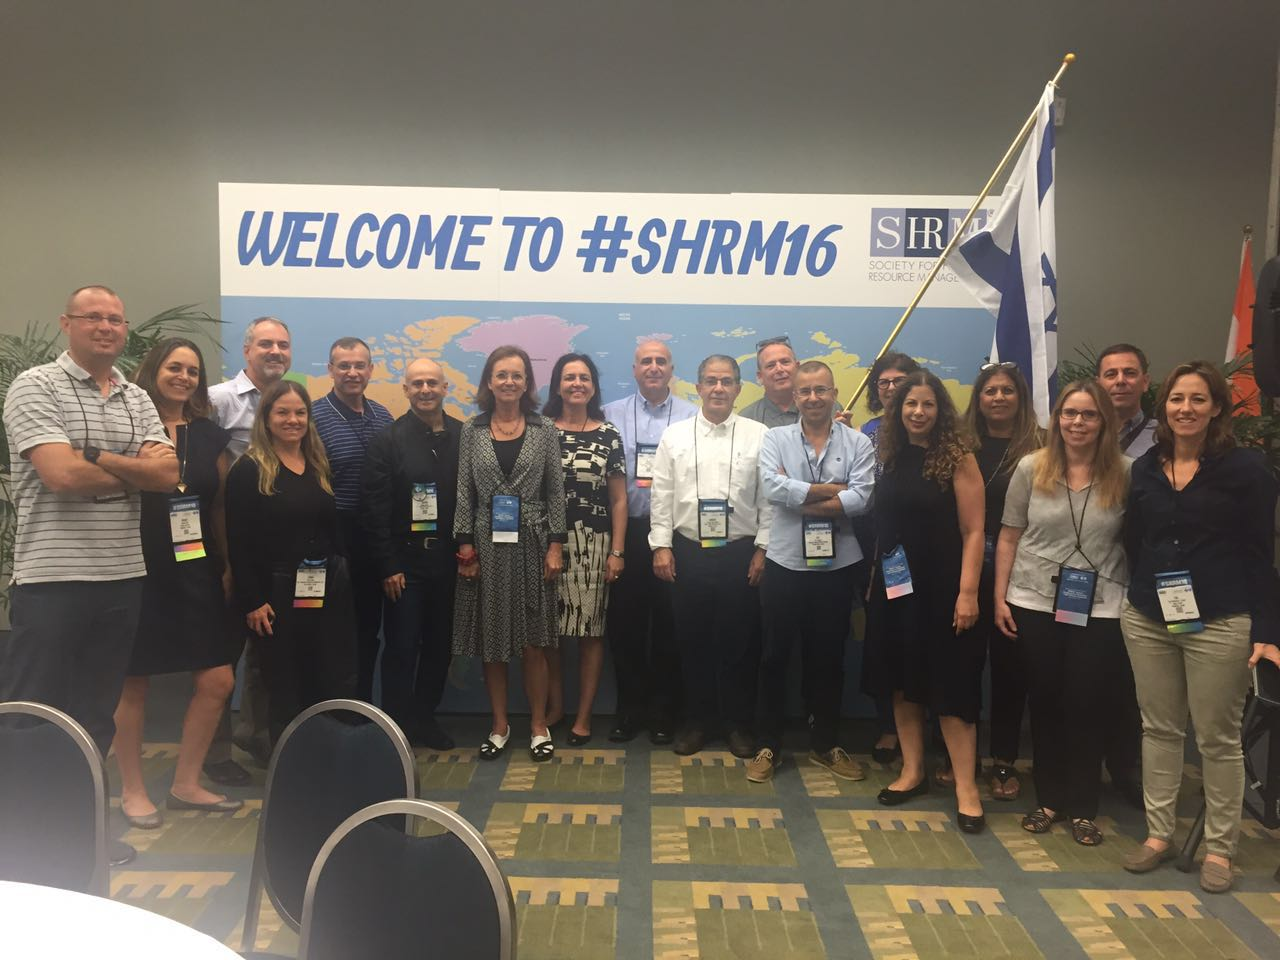 המשלחת הישראלית לכנס SHRM 2016